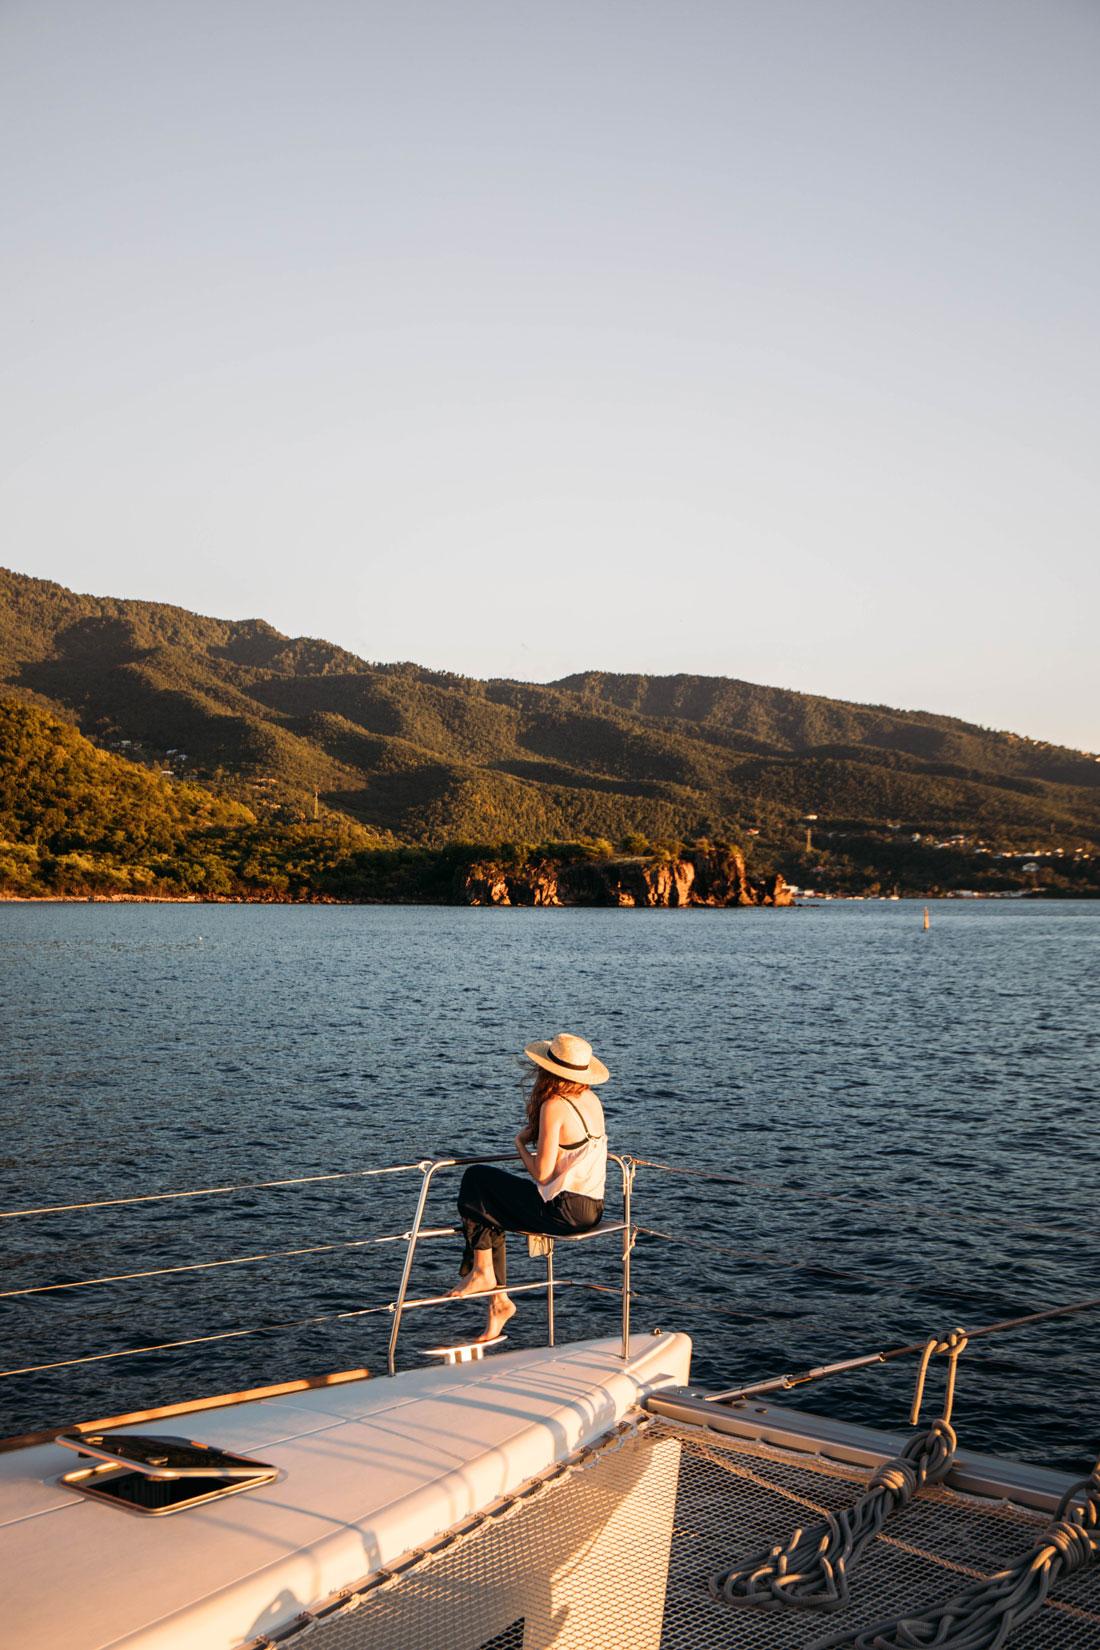 location catamaran Caraibes avec équipage